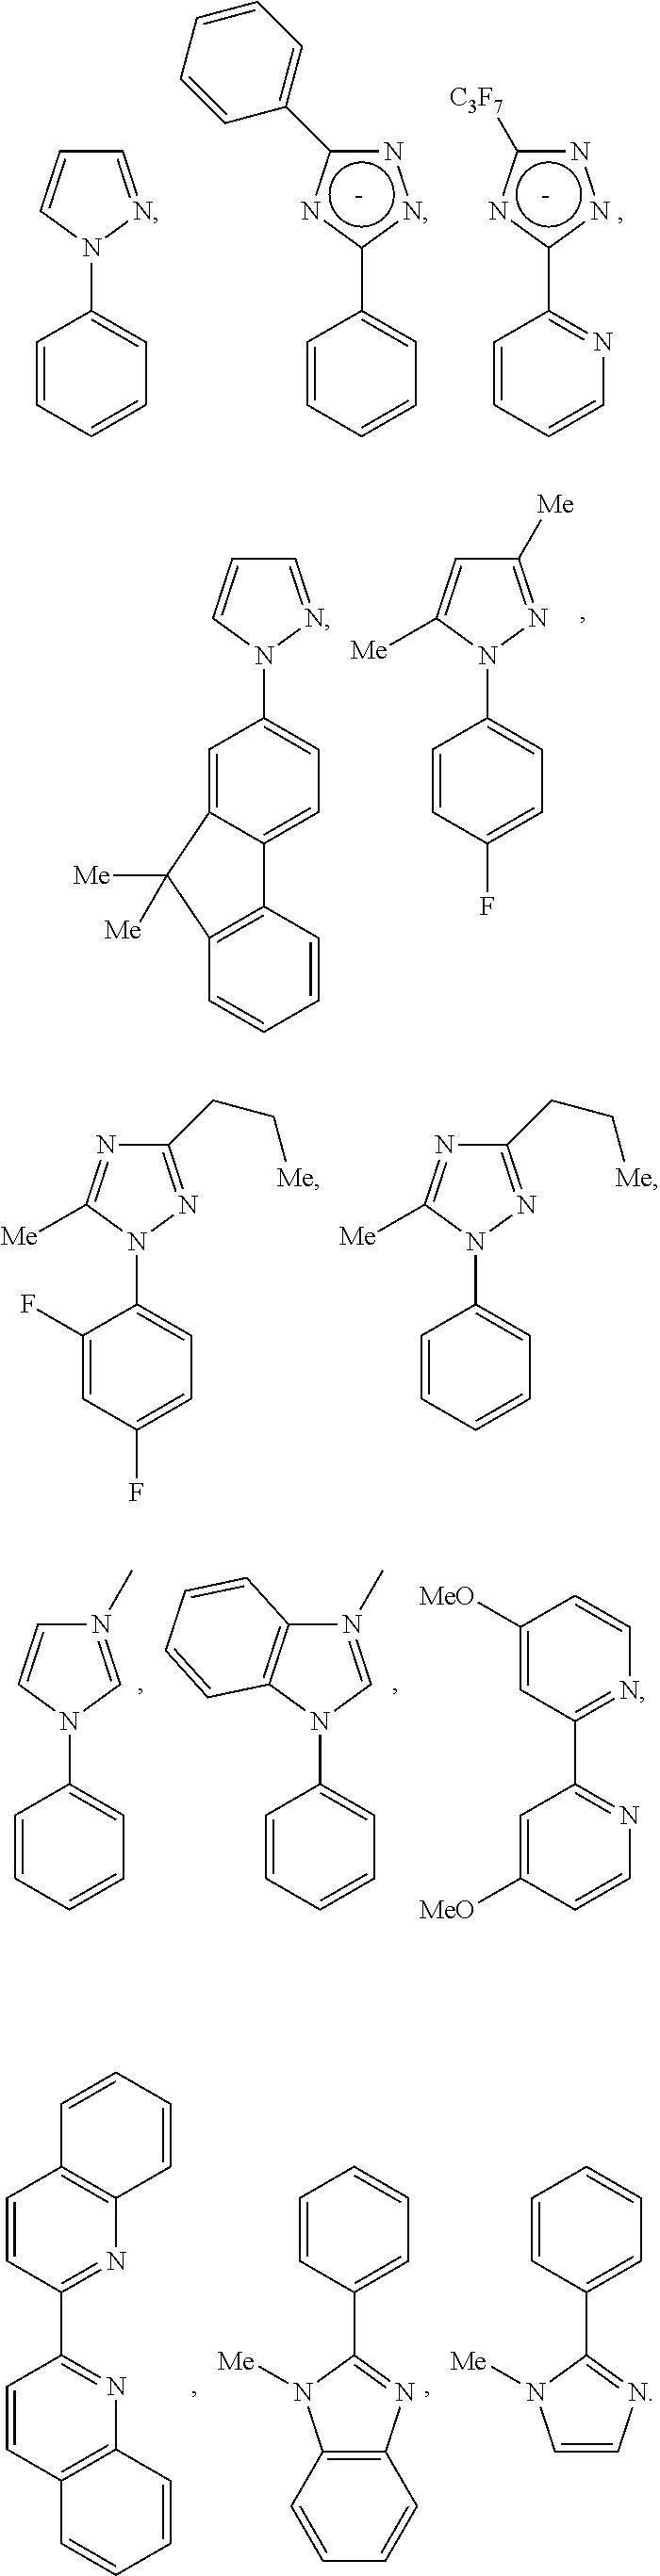 Figure US09081283-20150714-C00010